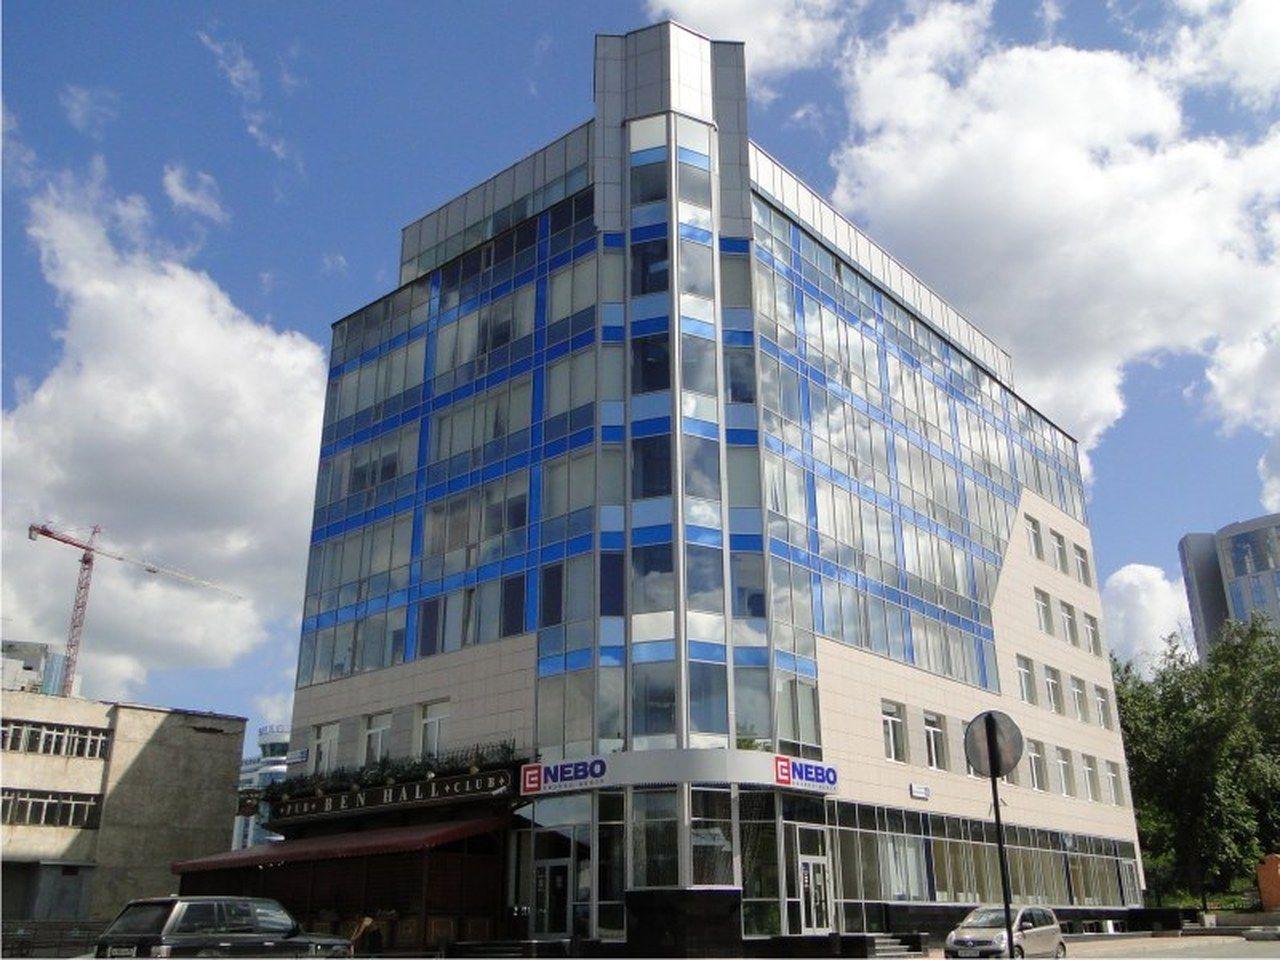 Коммерческая недвижимость в екатеринбурге аренда продажа коммерческая недвижимость продажа уфимский район